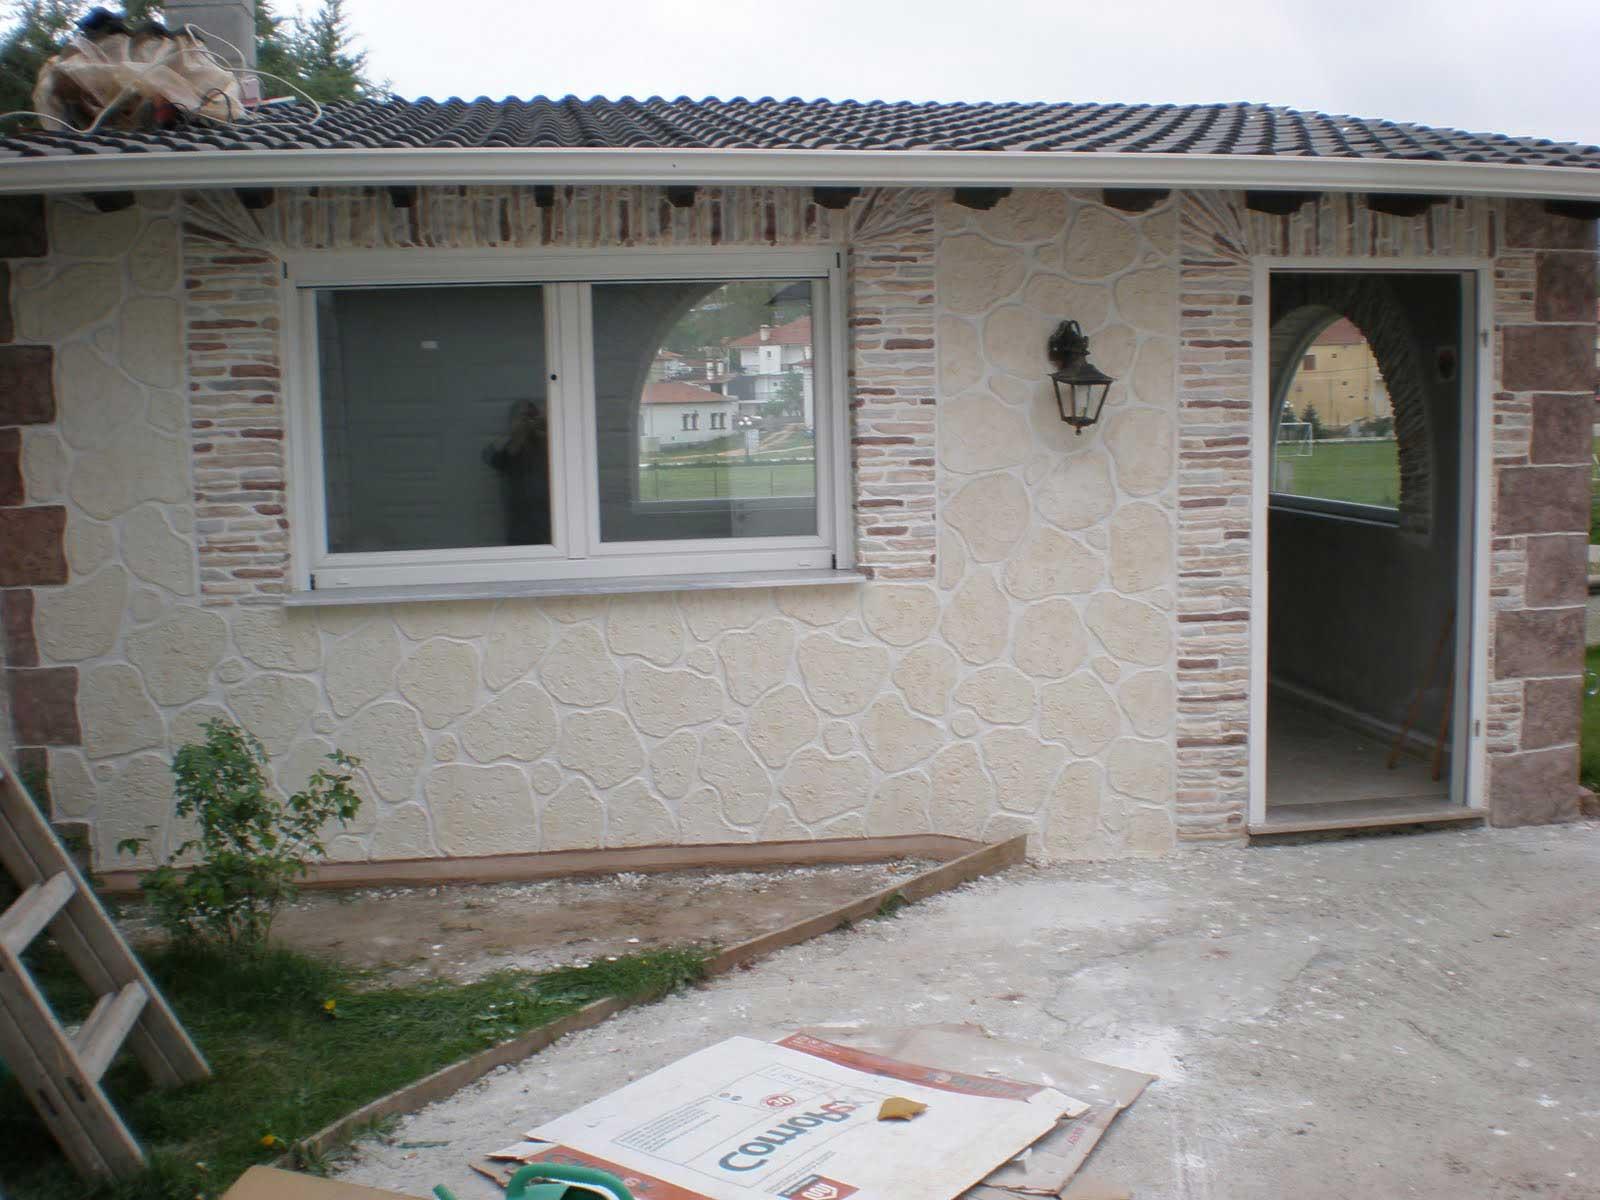 Pareti In Pietra Esterni: La pietra ricostruita per i muri in esterni vale pena.